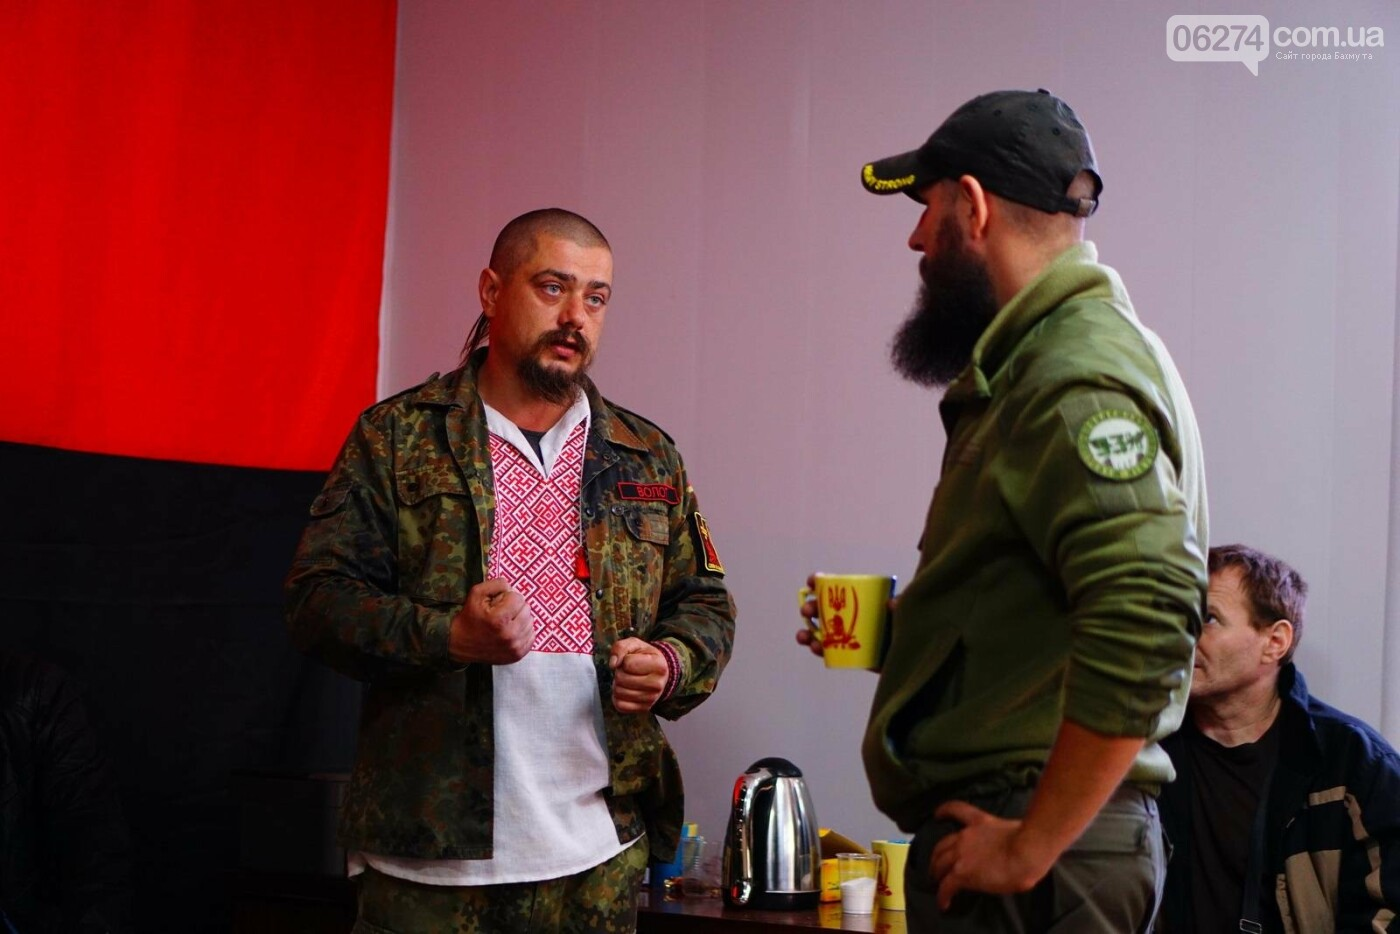 В Бахмуте открыли мобилизационный центр для добровольцев, фото-5